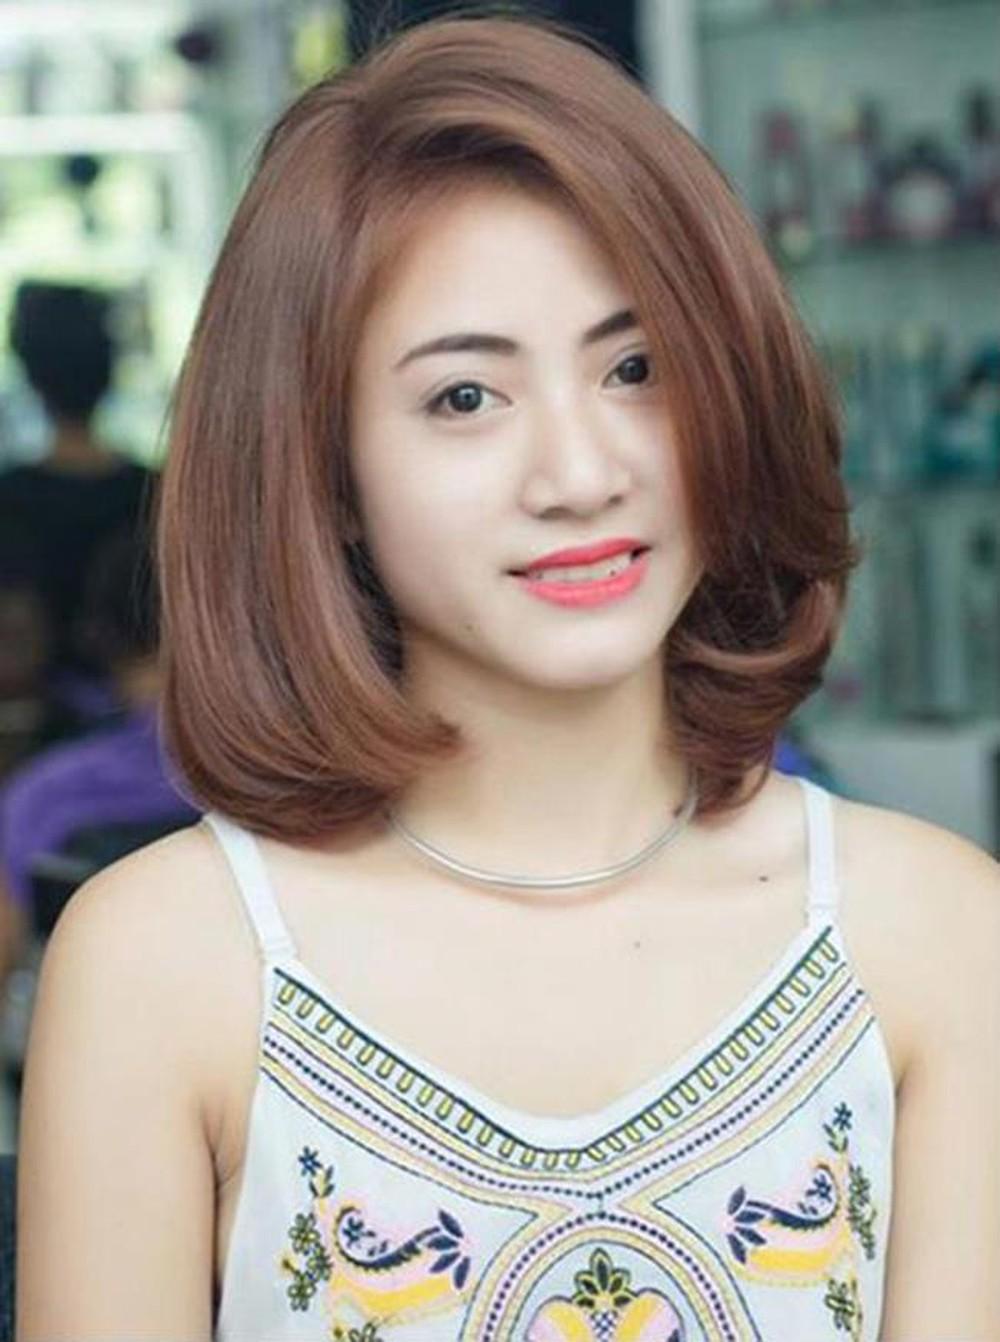 Kiểu tóc ngắn cúp tự nhiên đẹp nhất